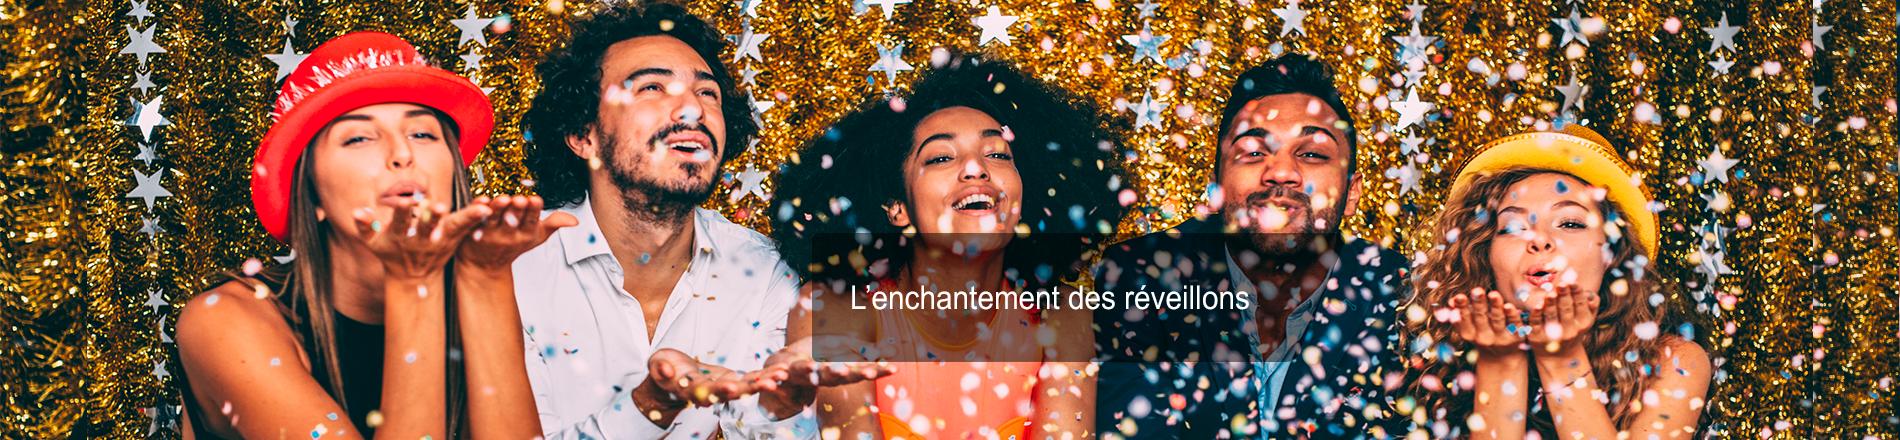 L'enchantement des réveillons de Noël et du Nouvel An en France, en Europe et au bout du monde